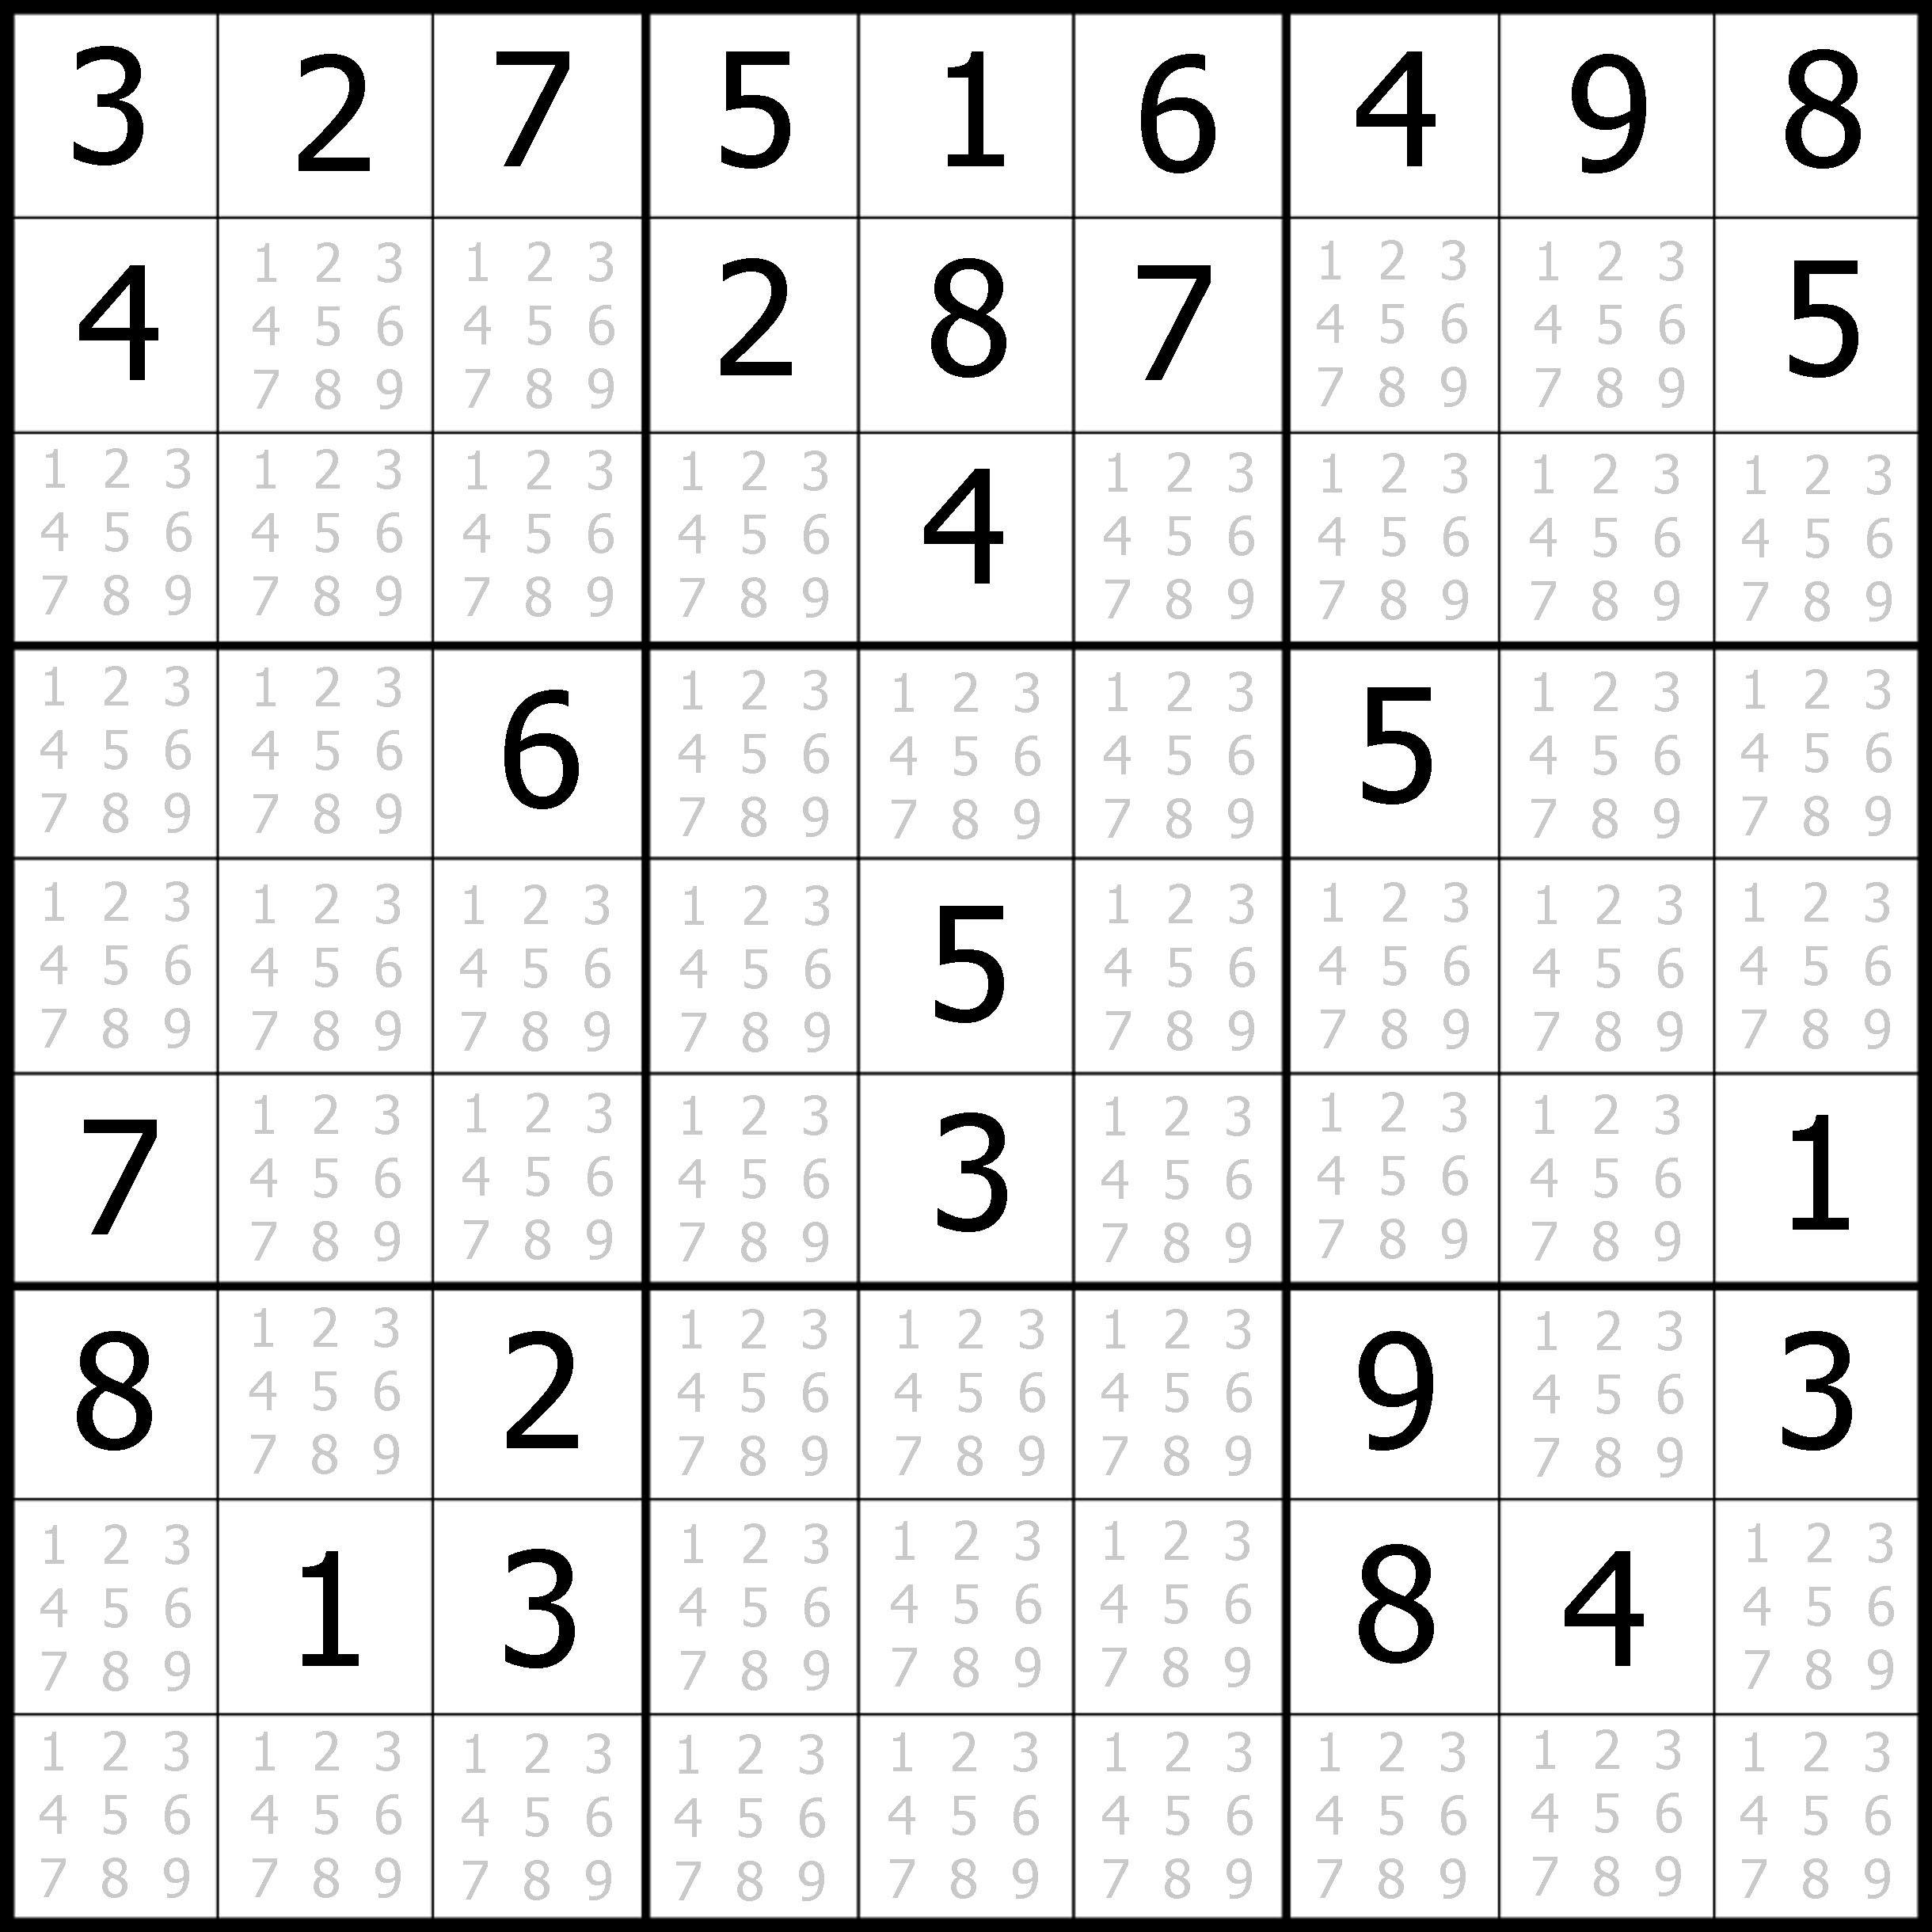 Sudoku Printable | Free, Medium, Printable Sudoku Puzzle #1 | My - Printable Sudoku Puzzles 9X9